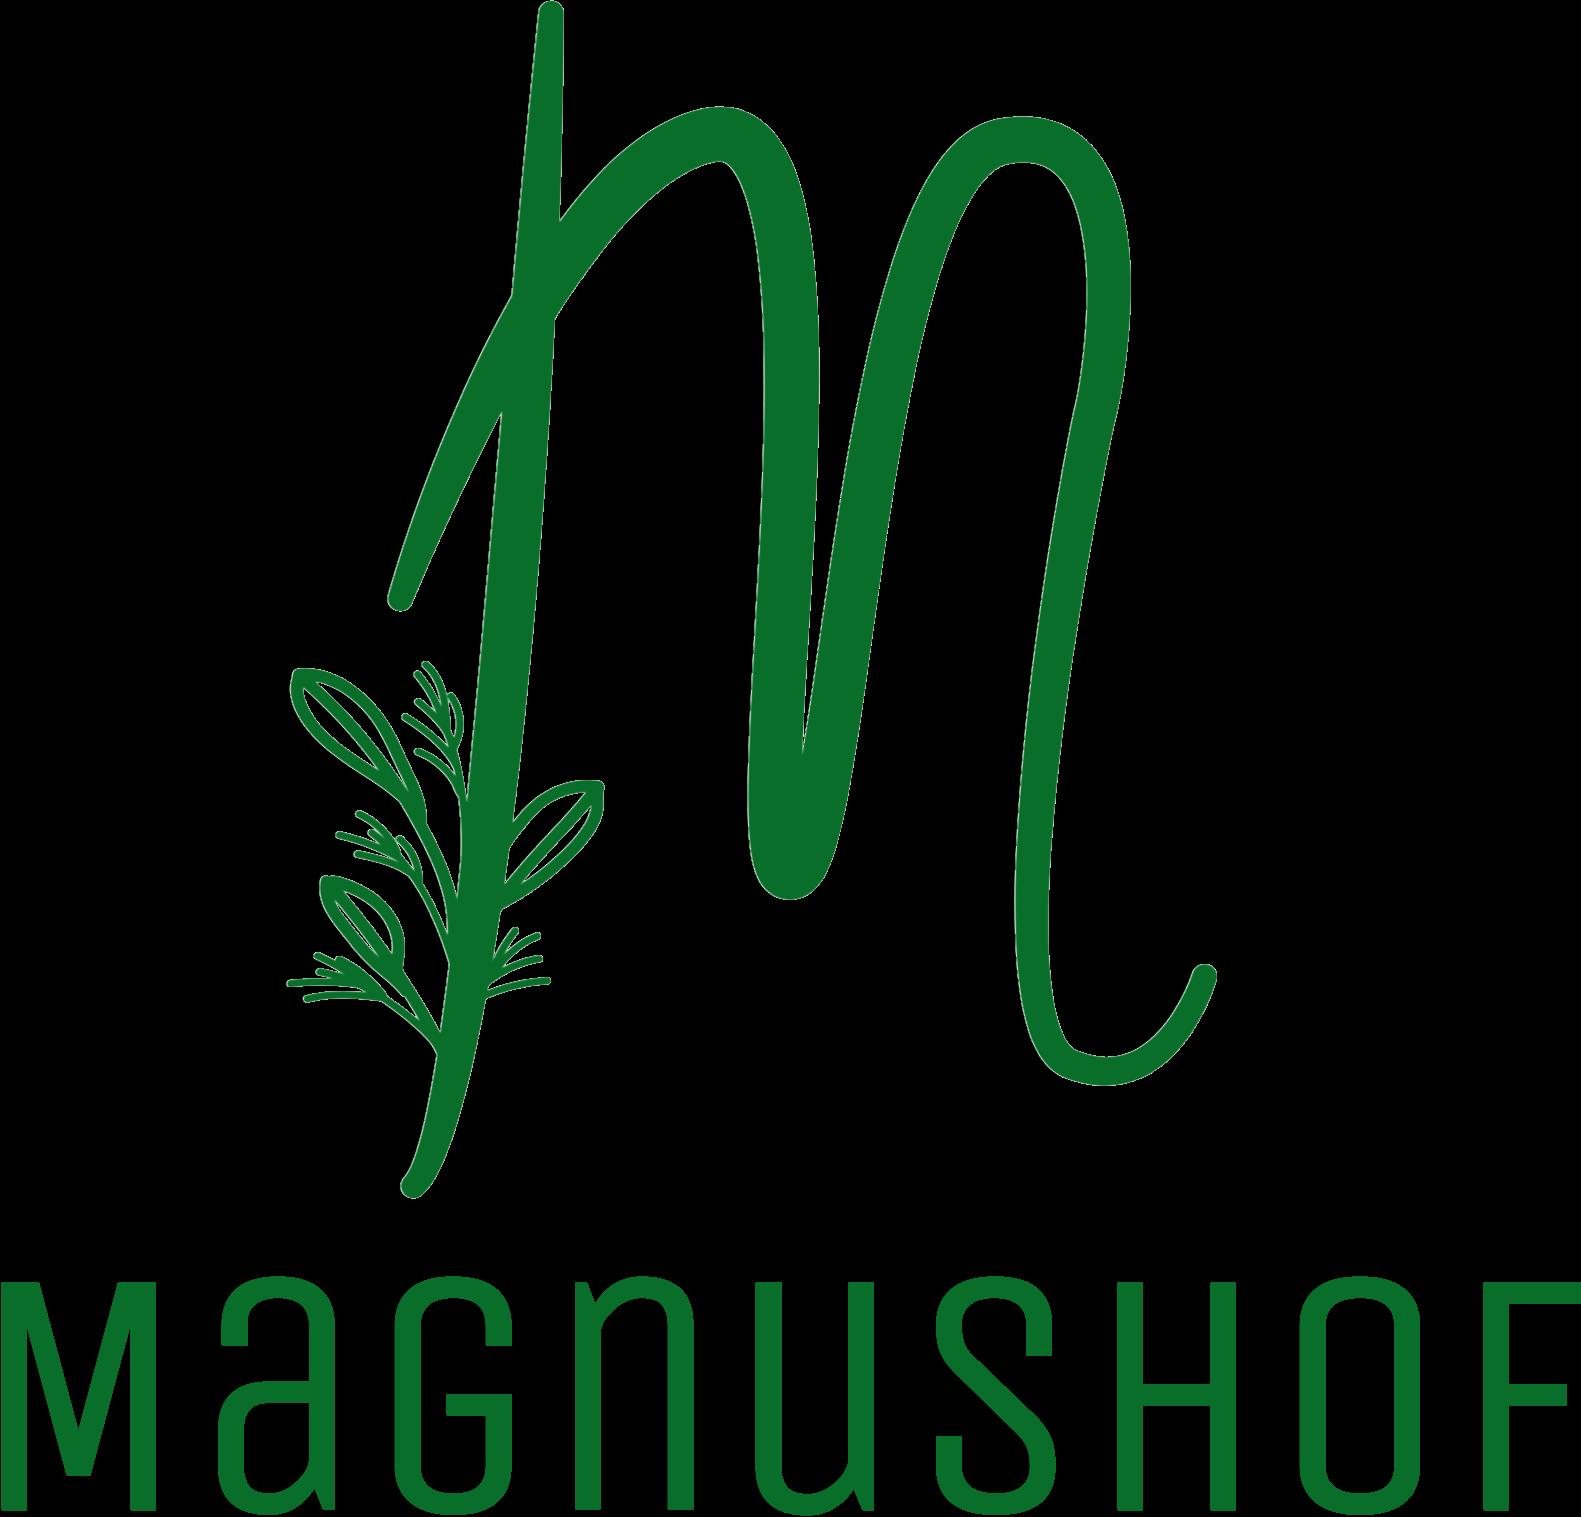 Magnushof külalistemaja